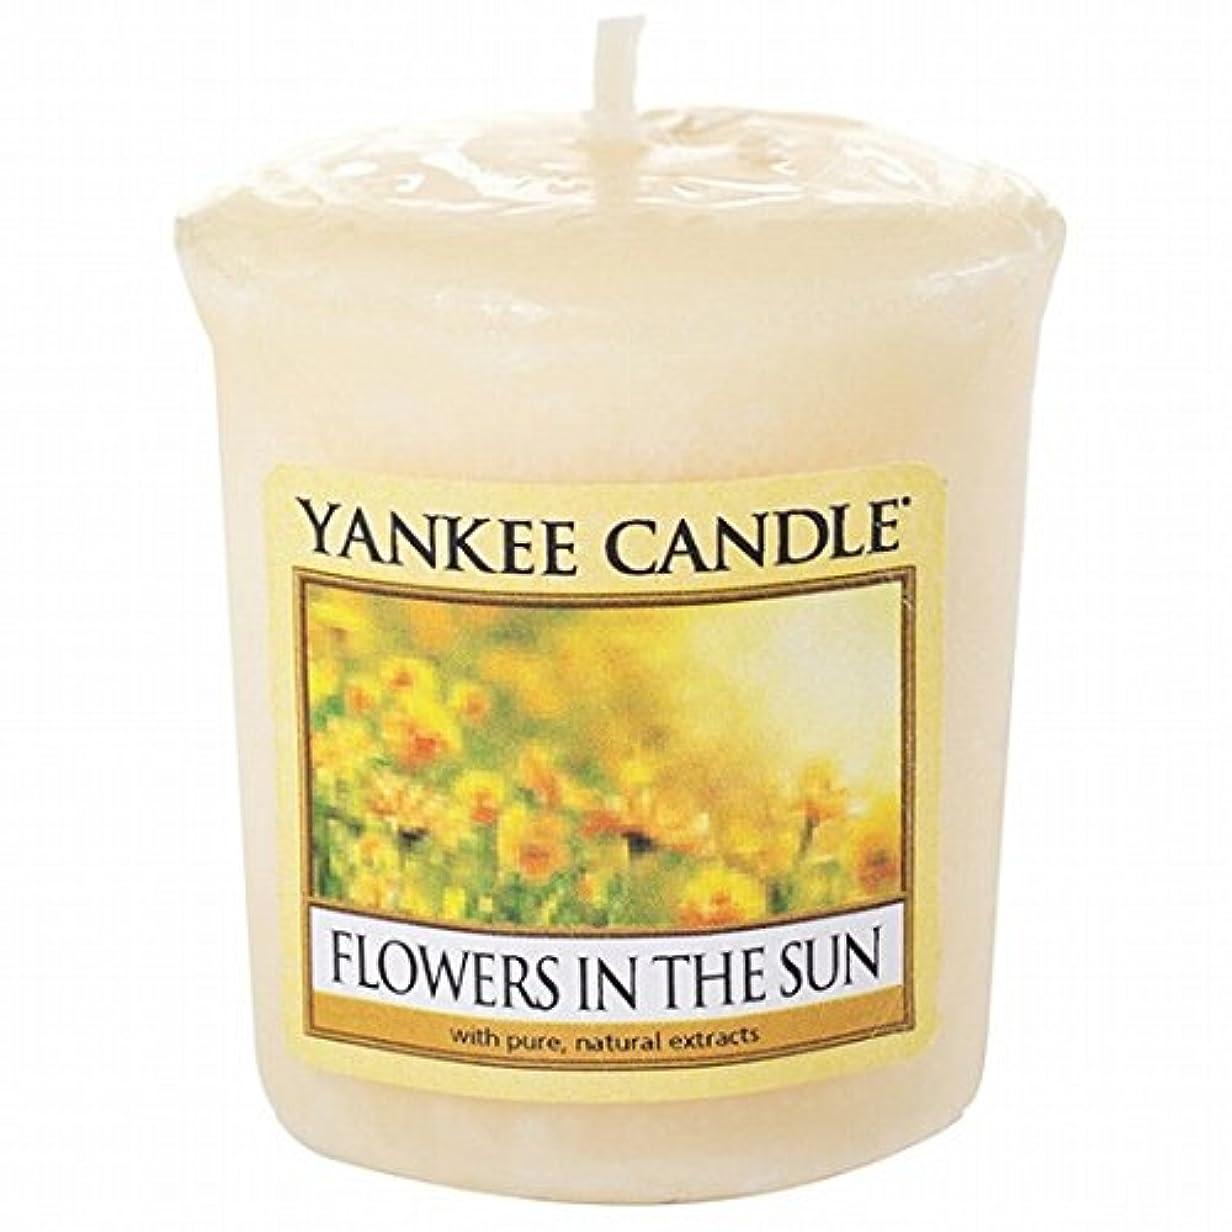 結核頼む告白YANKEE CANDLE(ヤンキーキャンドル) YANKEE CANDLE サンプラー 「フラワーインザサン」(K00105274)